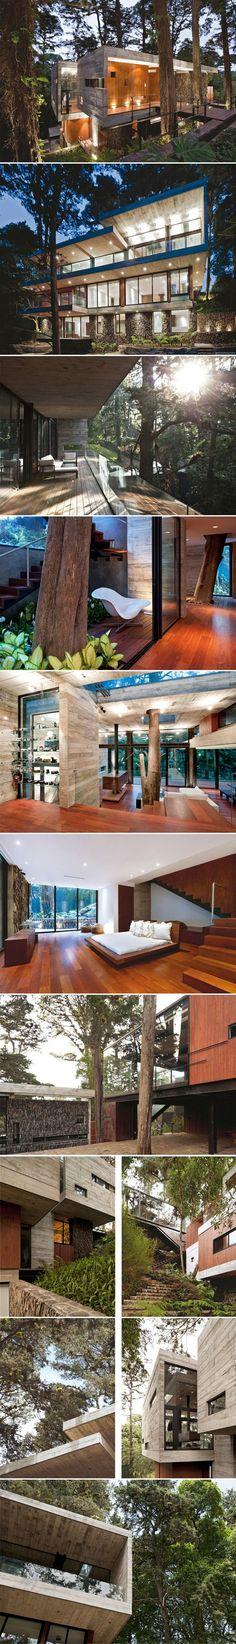 Superbe-maison-dans-les-arbres-par-Paz-Arquitectura-2